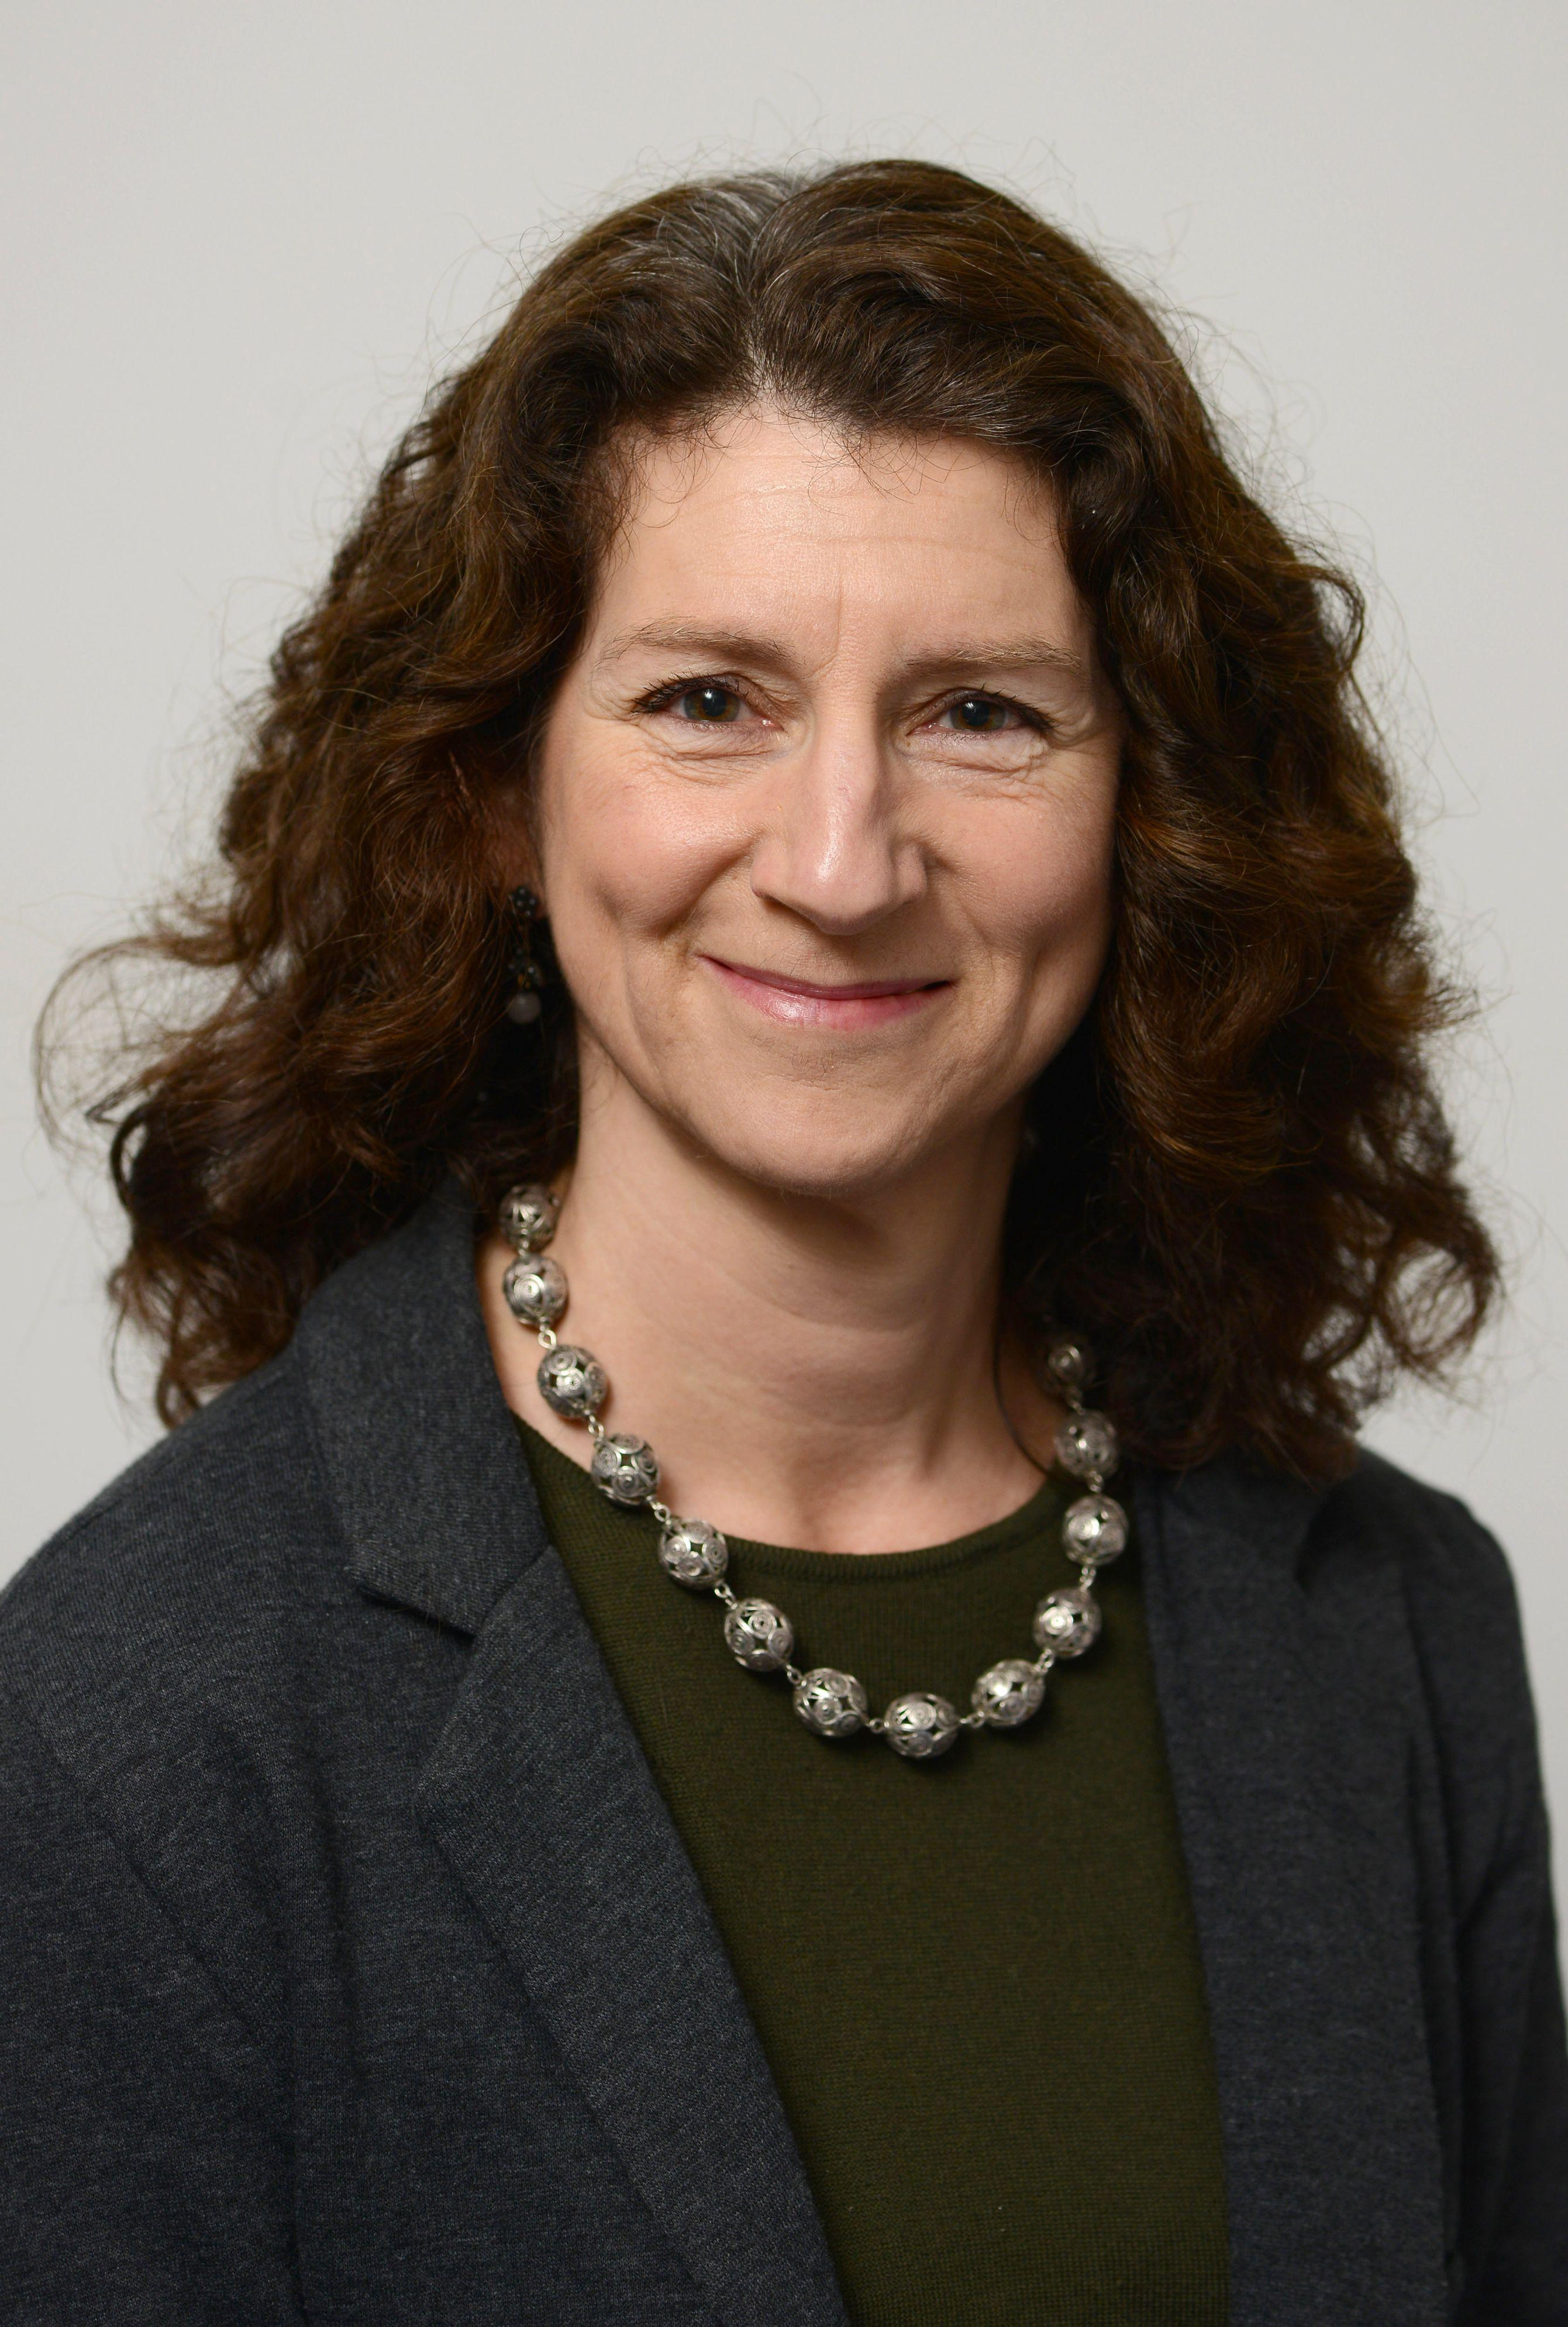 Professor Helen Lambert